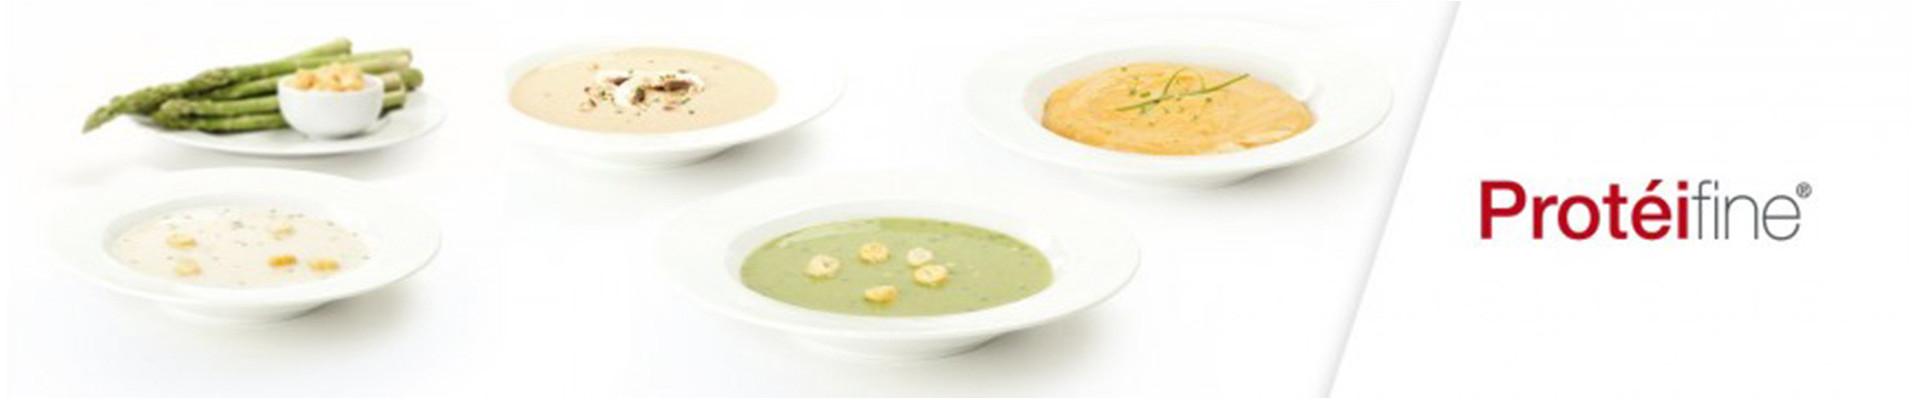 Soupes, Crèmes et Potages Protéifine